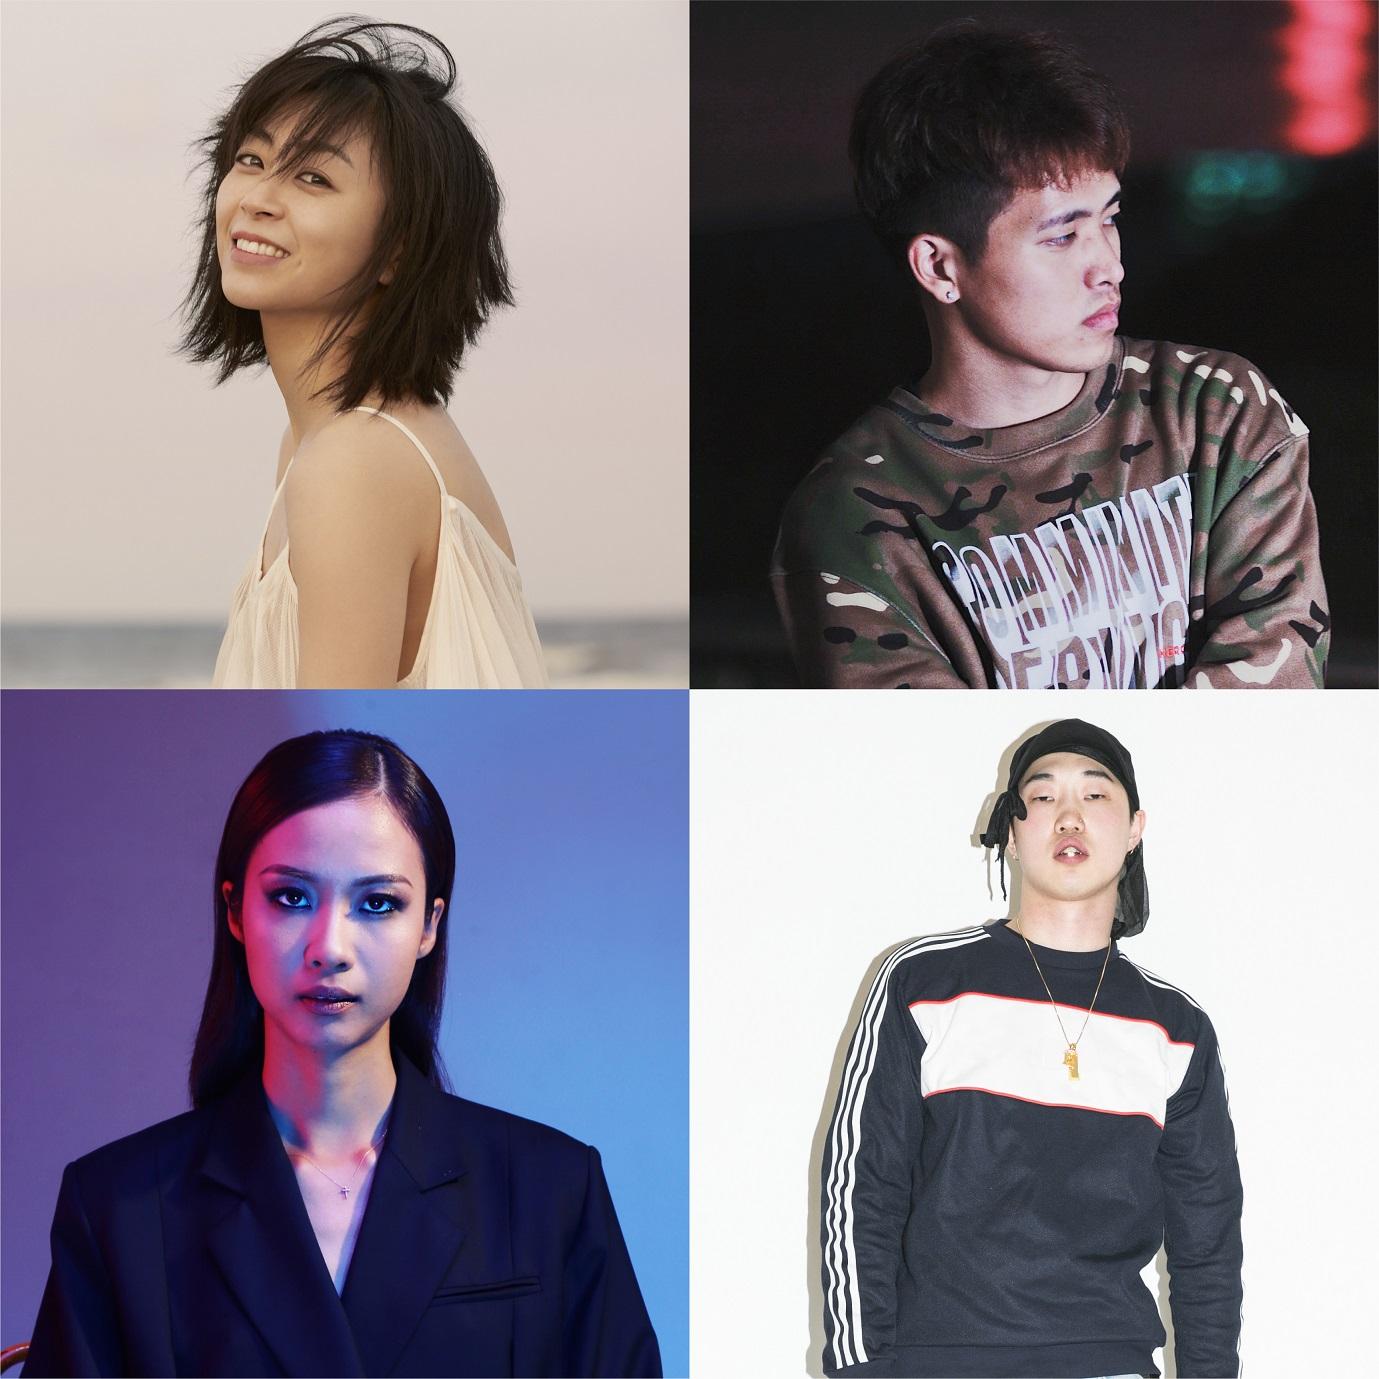 宇多田光 由3位新銳亞洲饒舌歌手客串的數位下載單曲 『Too Proud featuring XZT, Suboi, EK (L1 Remix)』